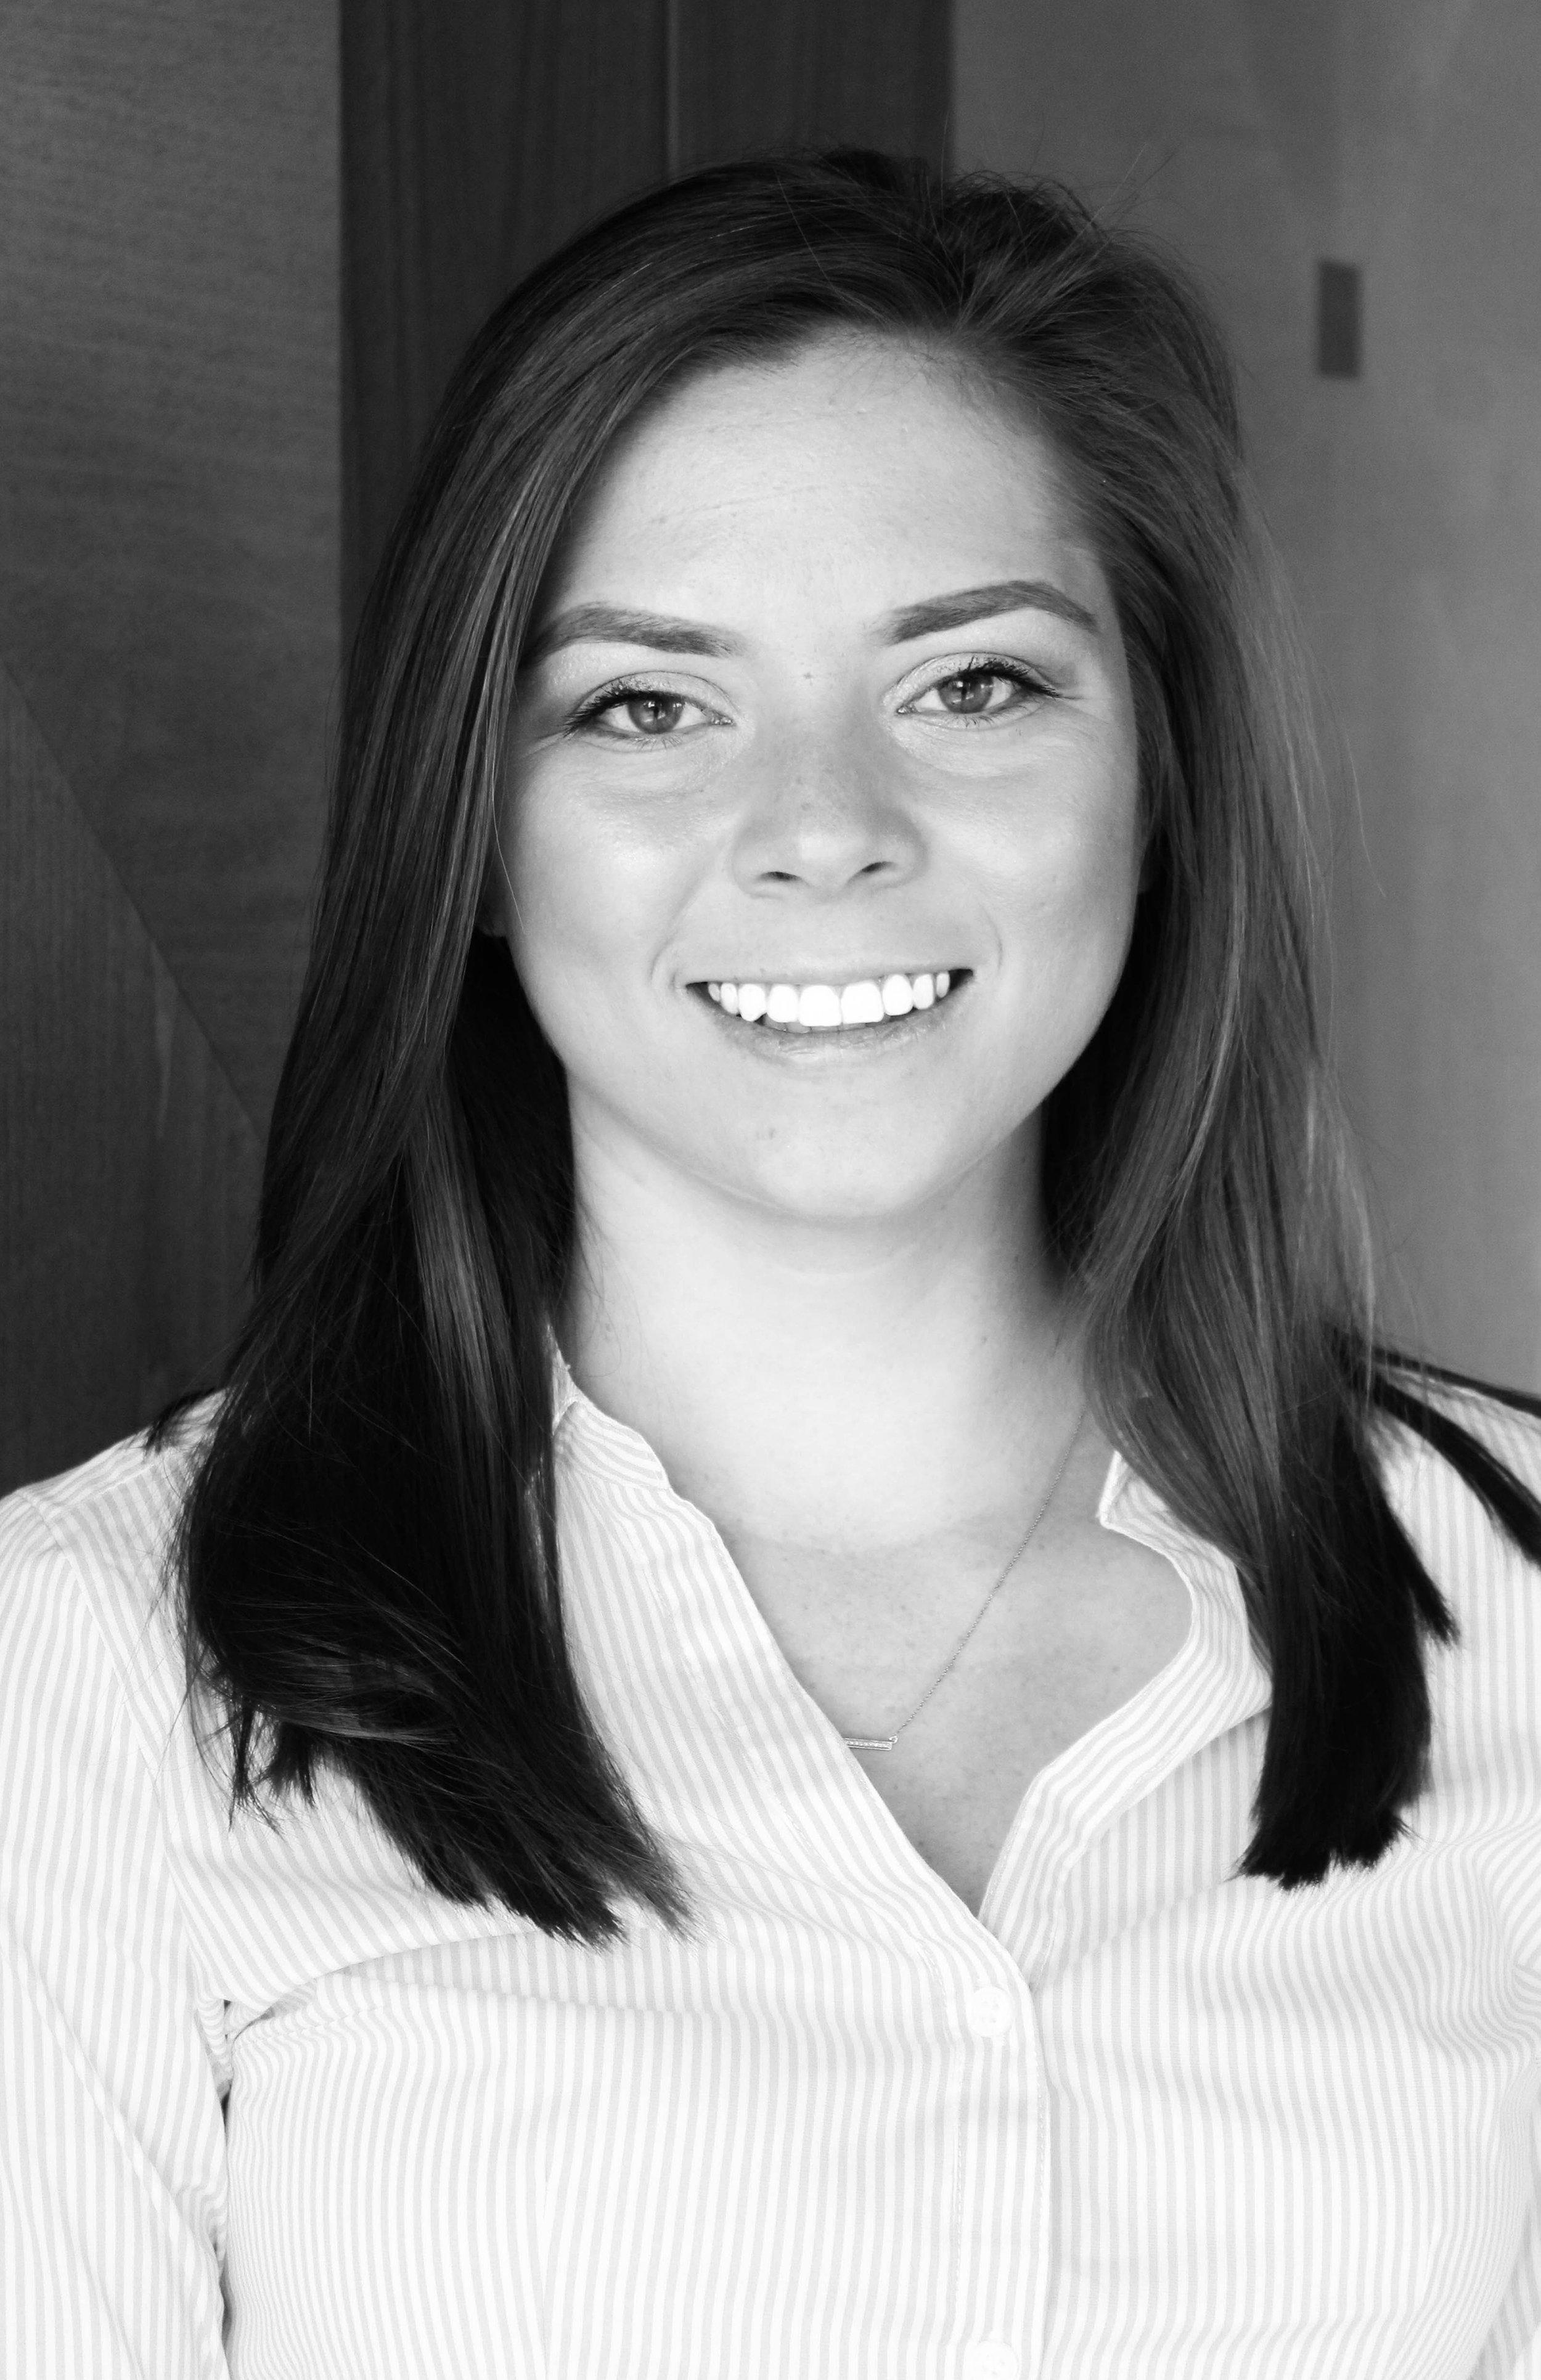 Lauren Smith - Associate AIALove Helps, Inc., Current Board Member1720 West End AvenueSuite 300Nashville, TN 37203P: 615.244.7399D: 615.921.6878lauren.smith@hdarchitects.com